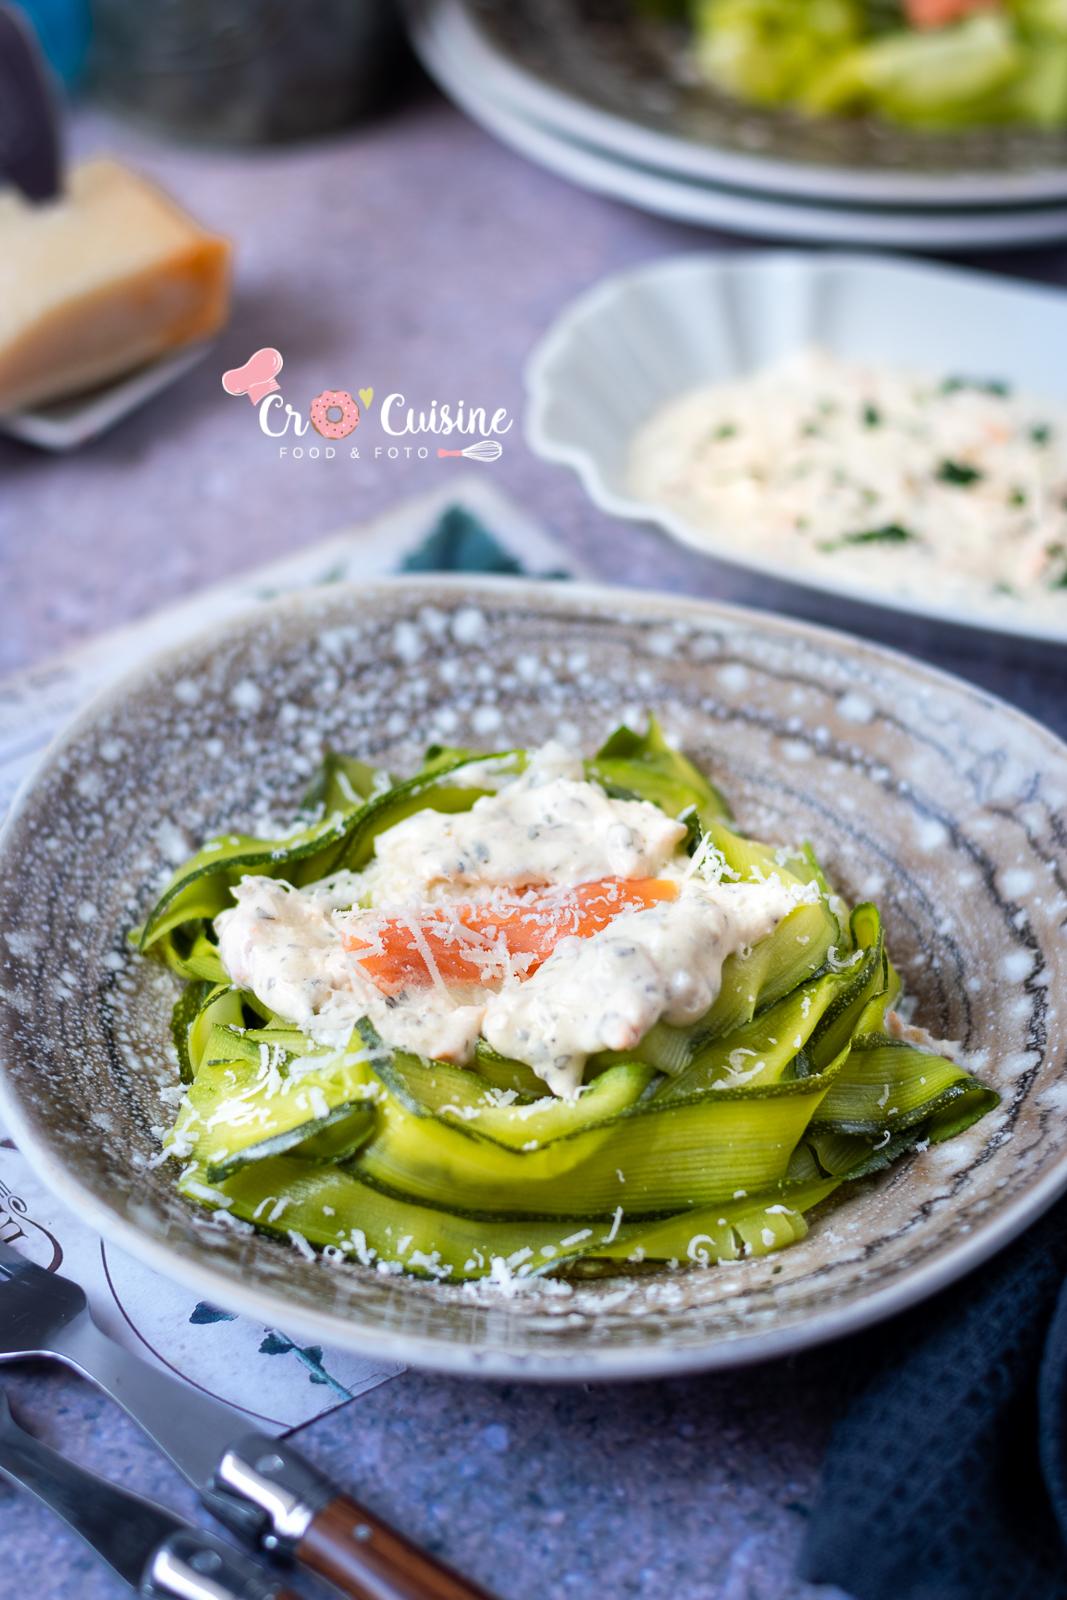 Un délicieux plat de tagliatelles de courgettes à la crème au saumon pour manger gourmand et sain